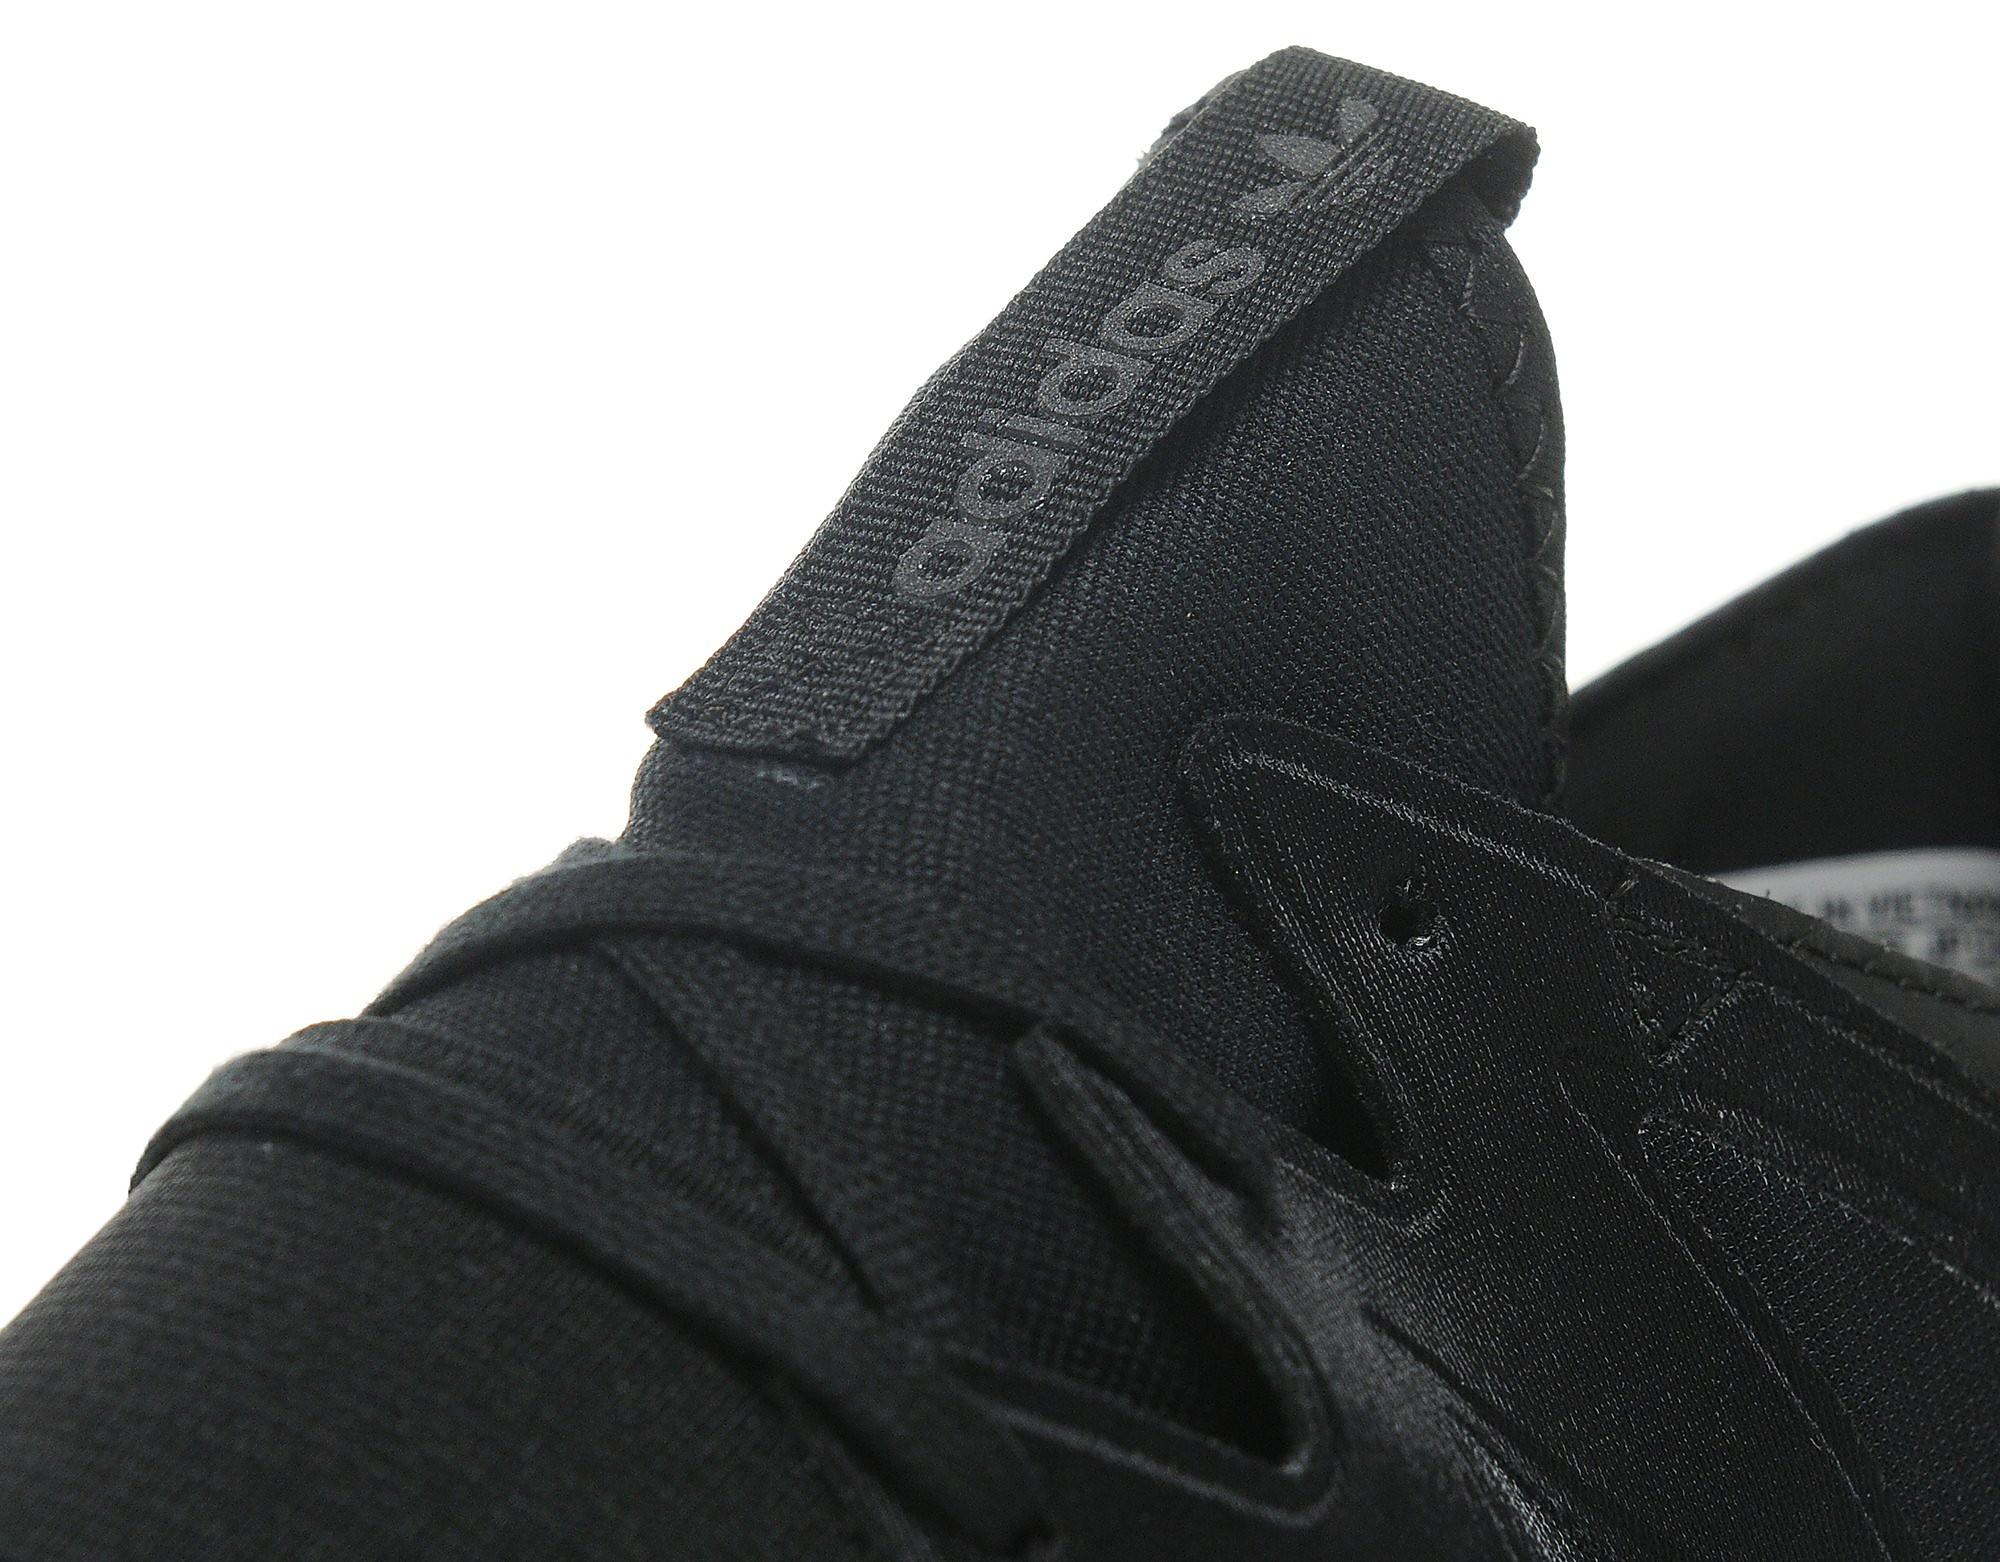 adidas Originals Tubular Viral Women's